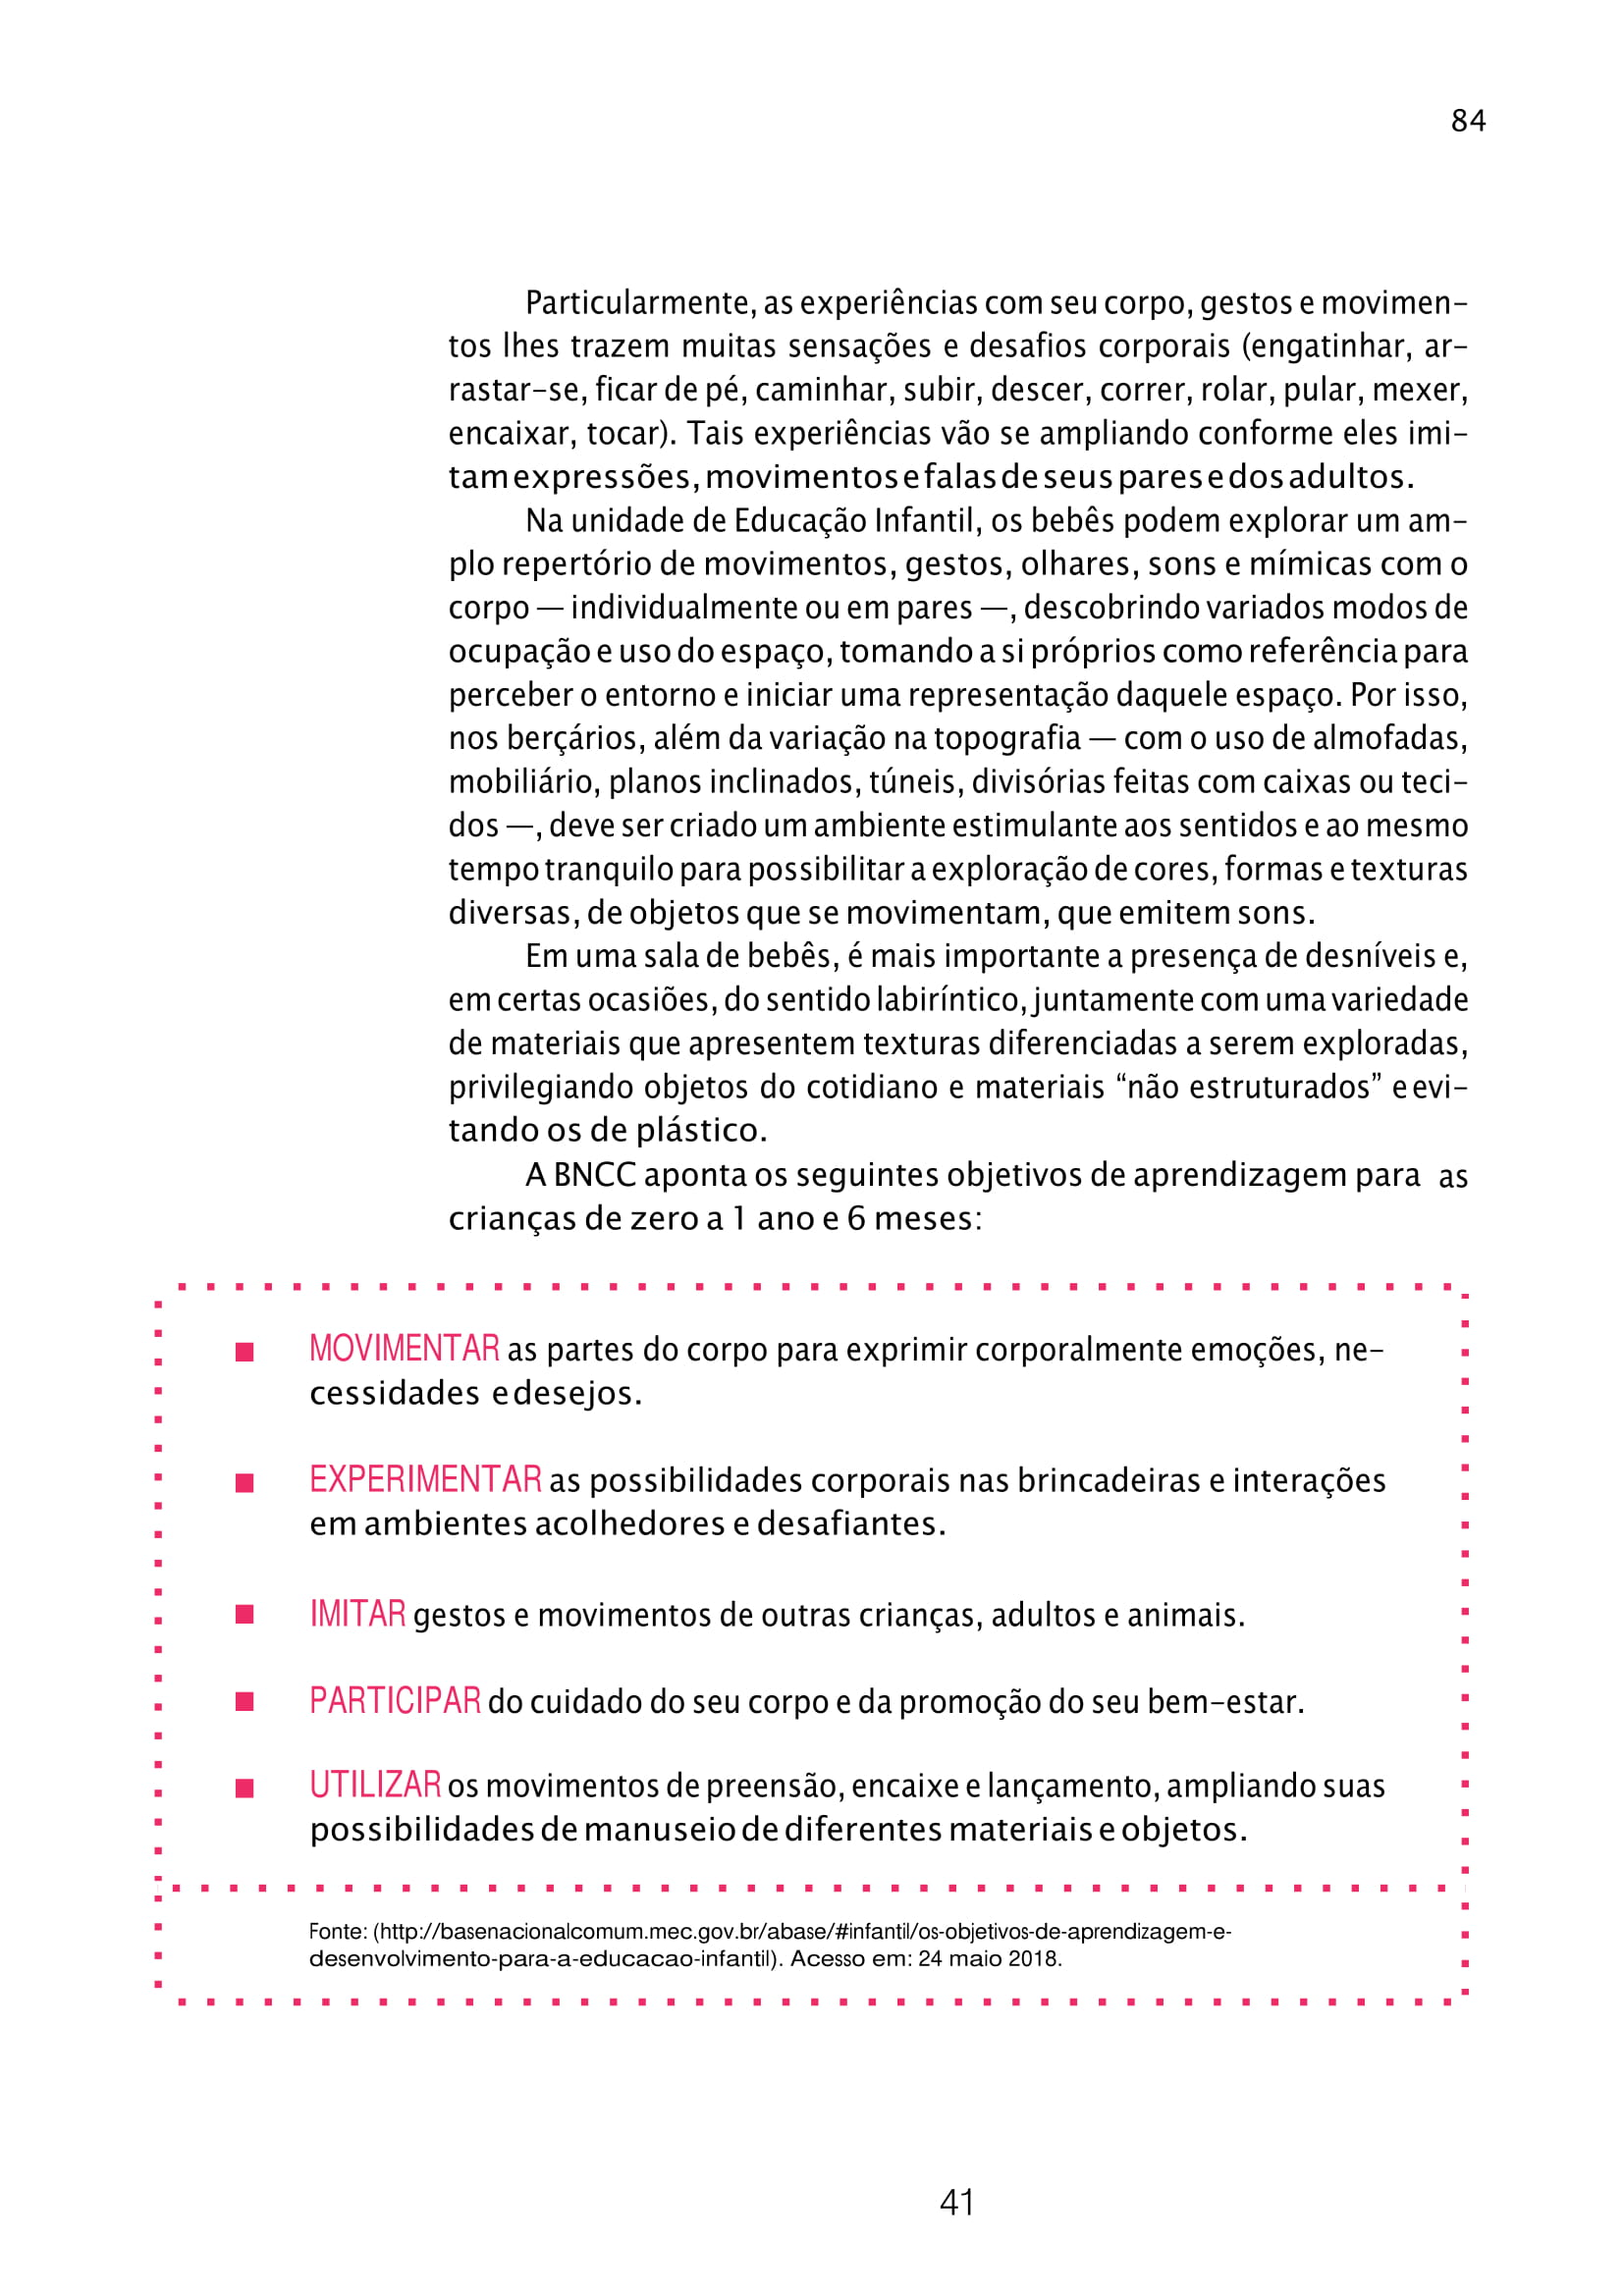 planejamento-educação-infantil-bncc-geral-114